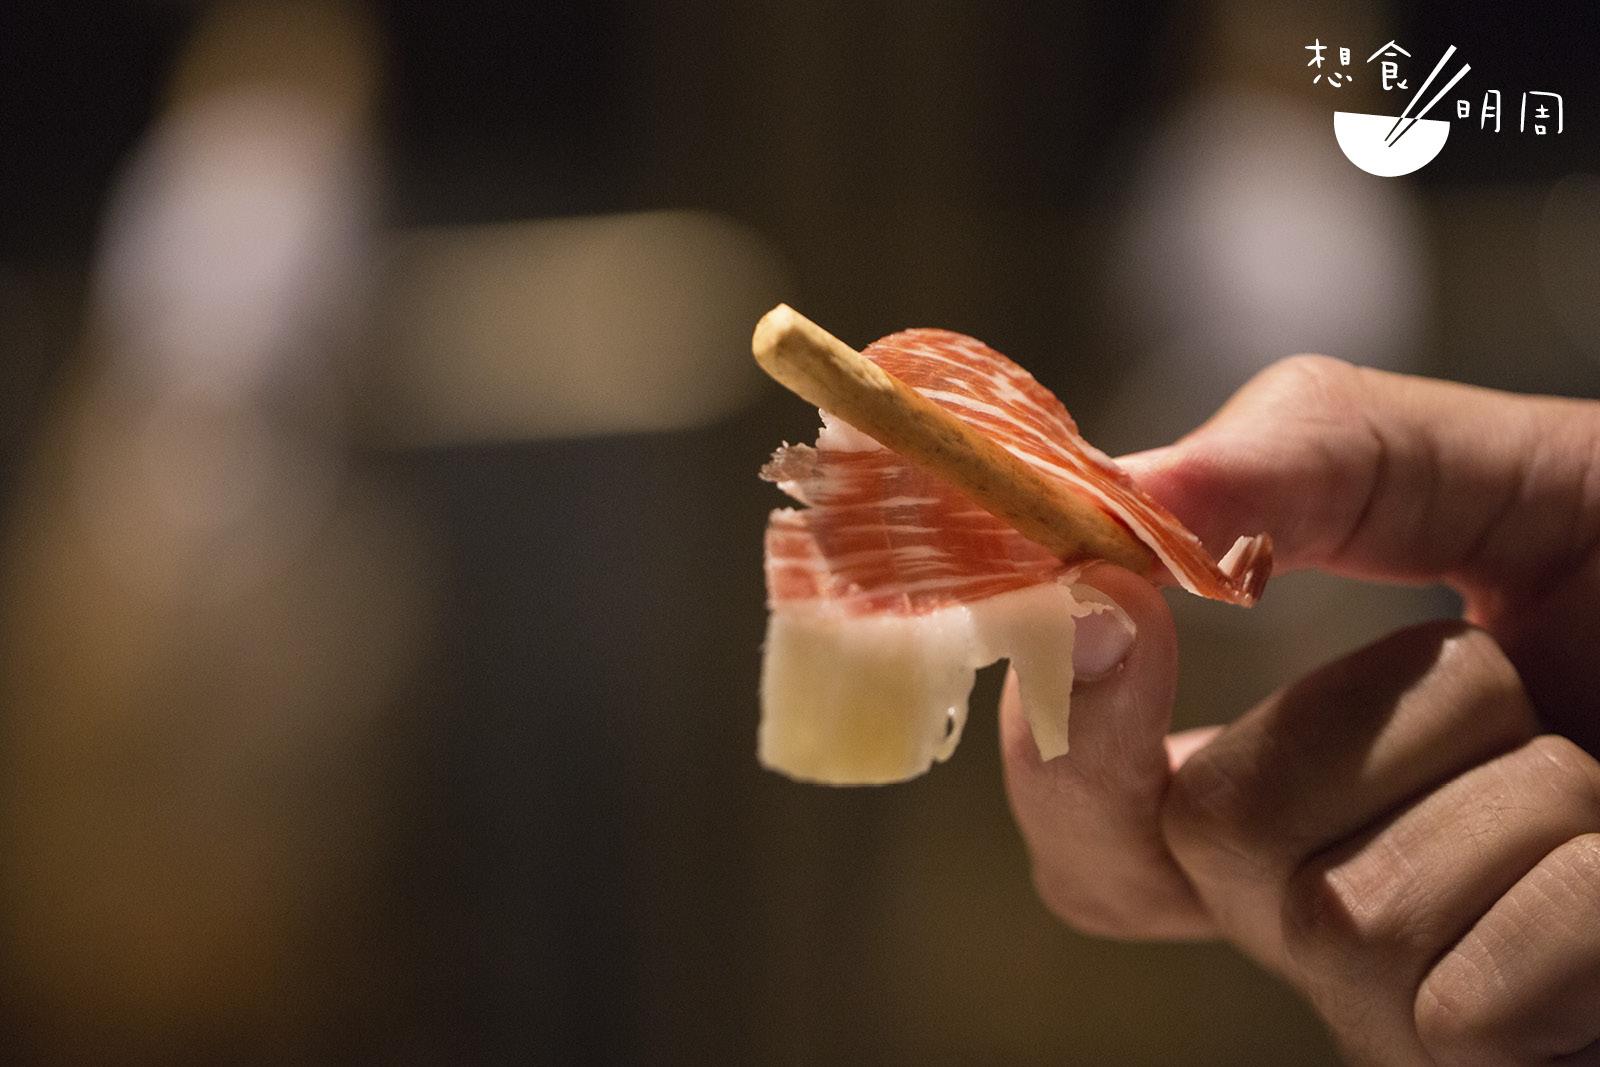 西班牙人喜歡以火腿捲起無味的餅乾食用,增強口感!